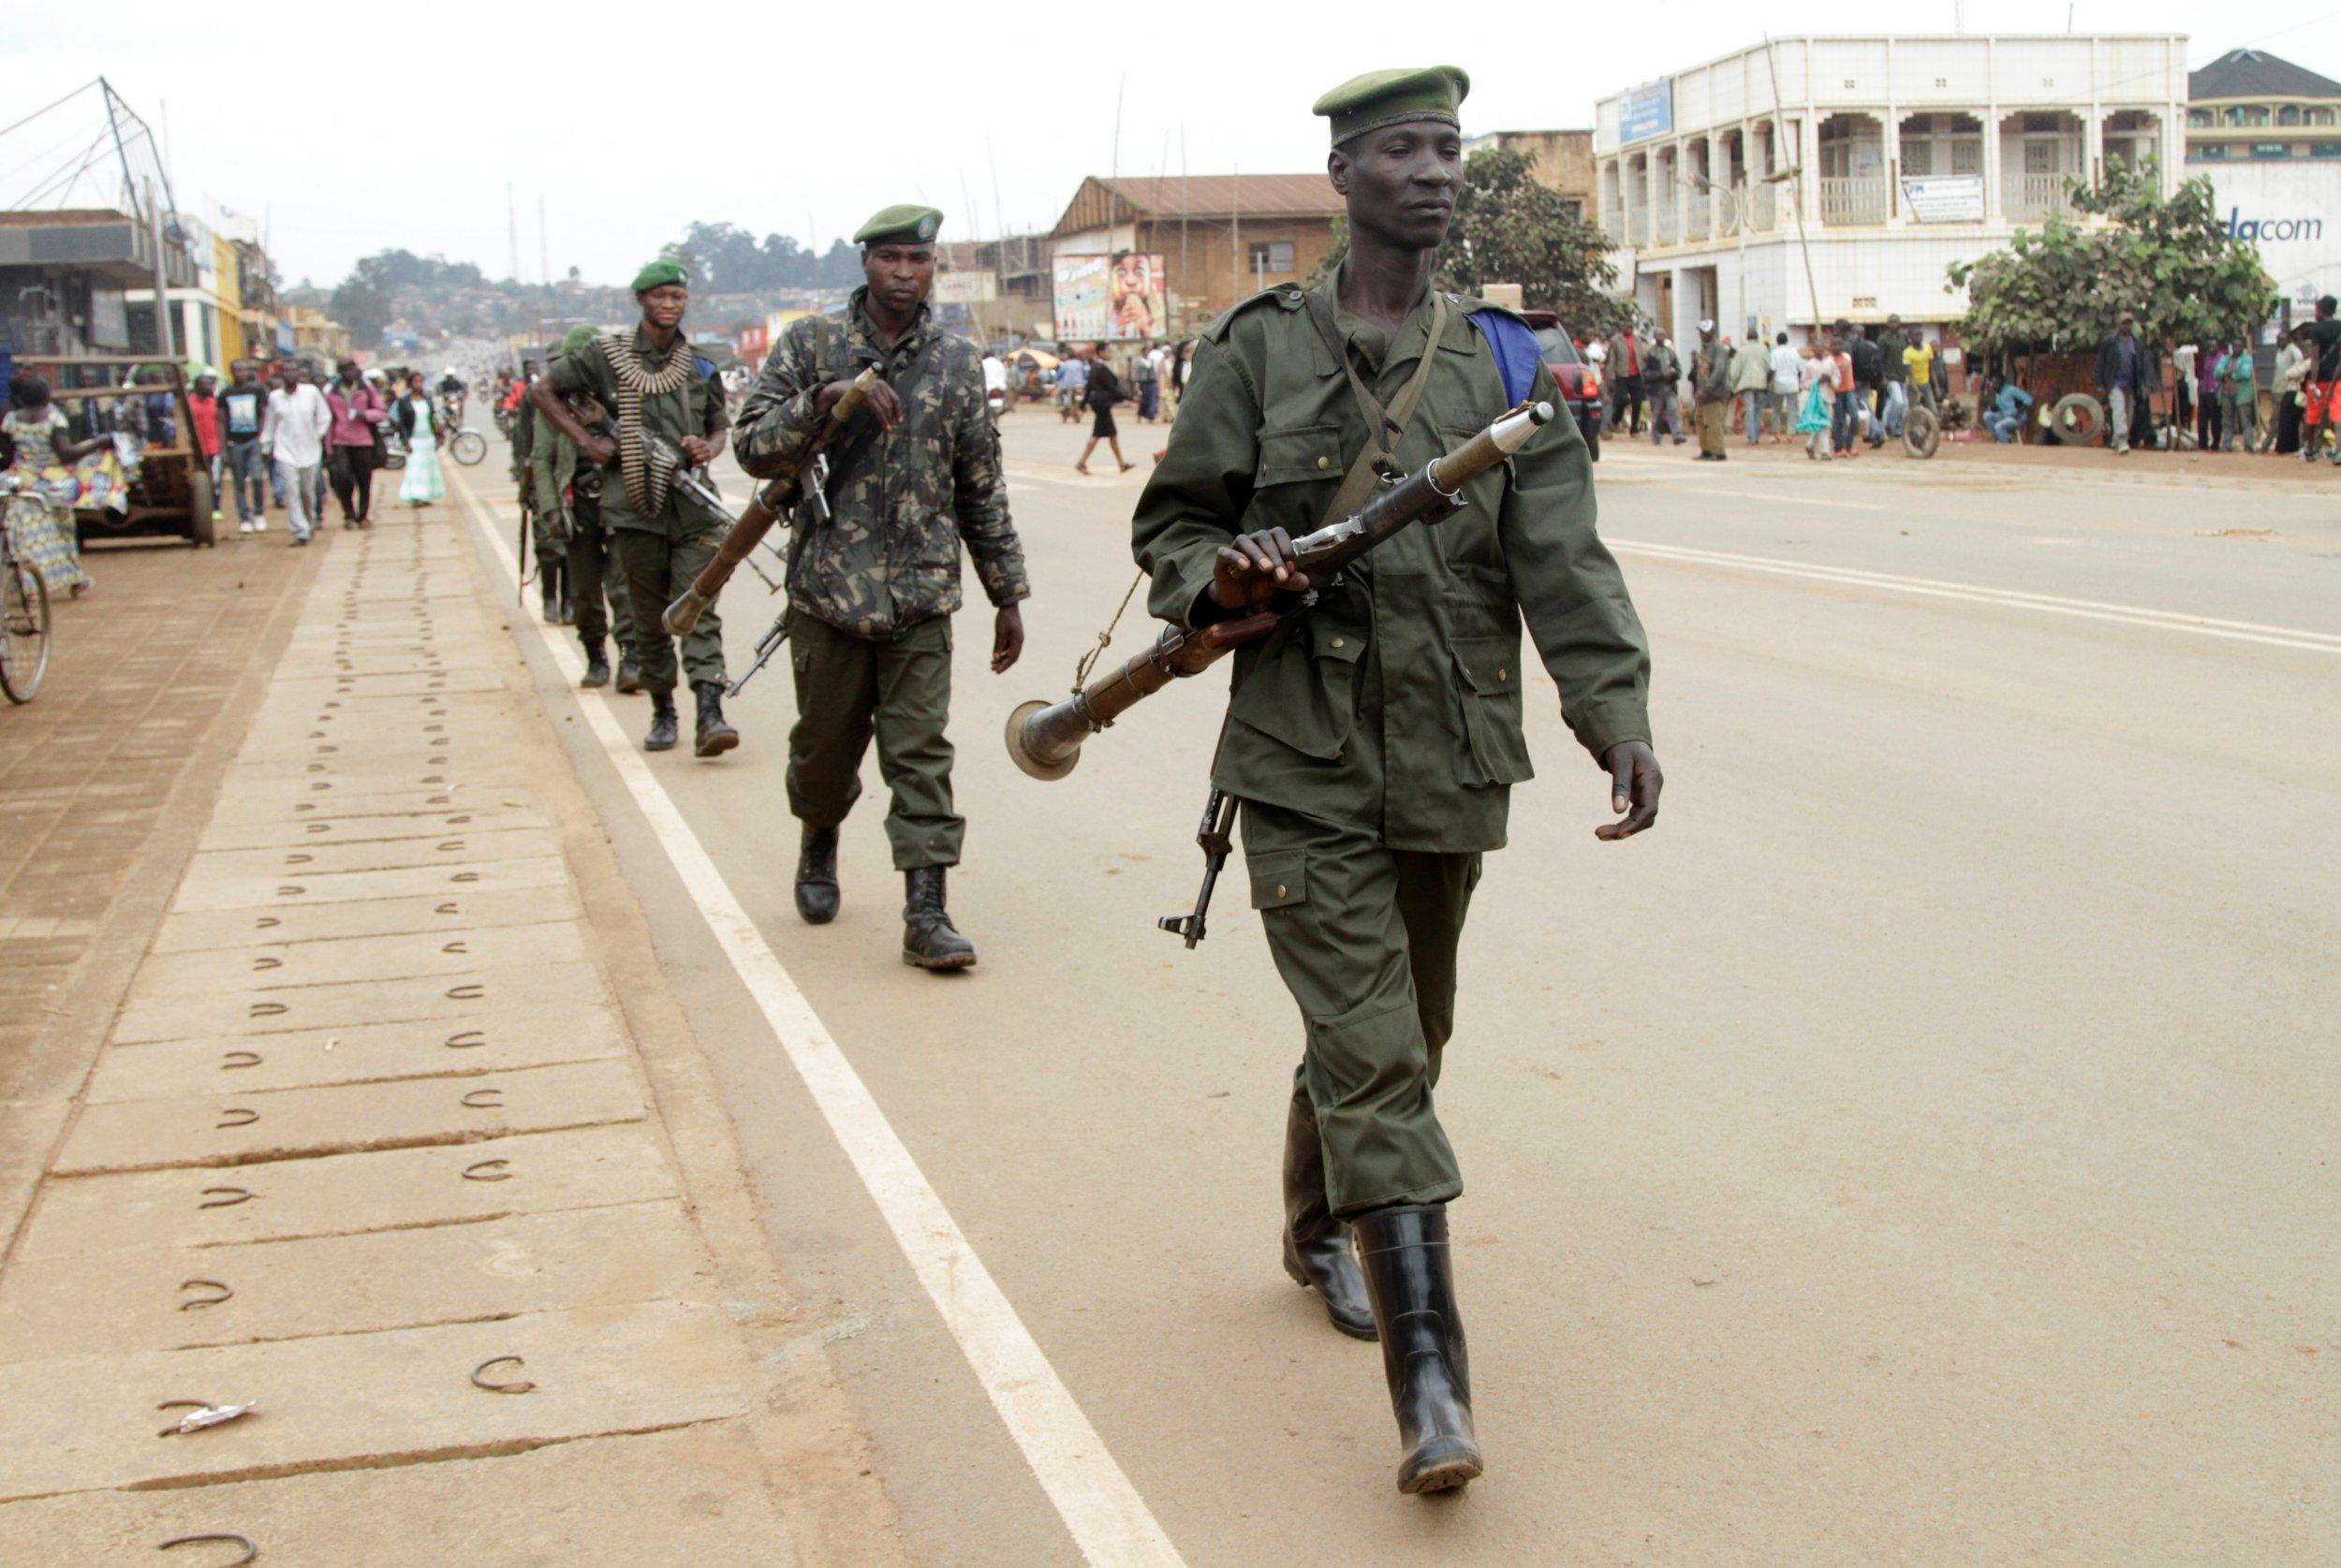 Congo soldiers patrol